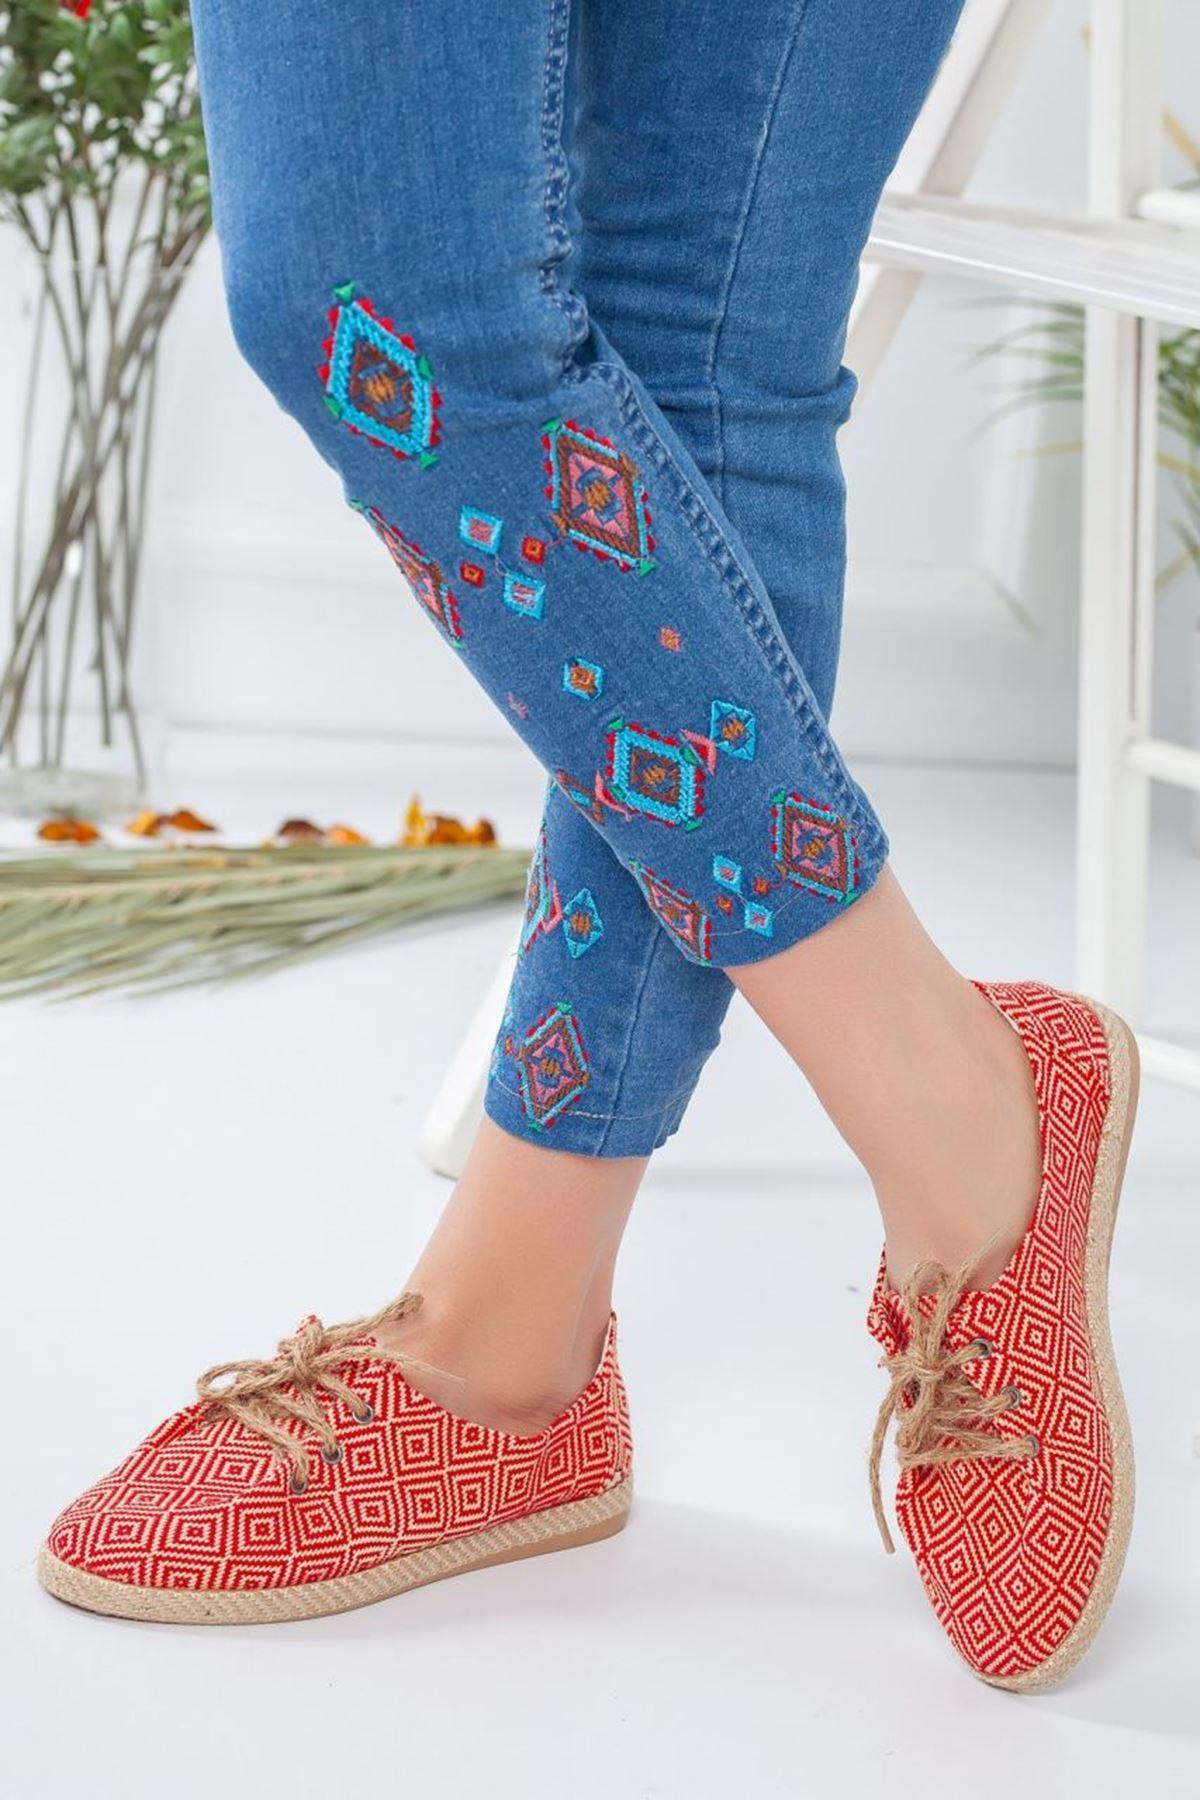 Kadın Tolero Tekstil Malzeme Kadın Günlük Ayakkabı Kırmızı Desenli